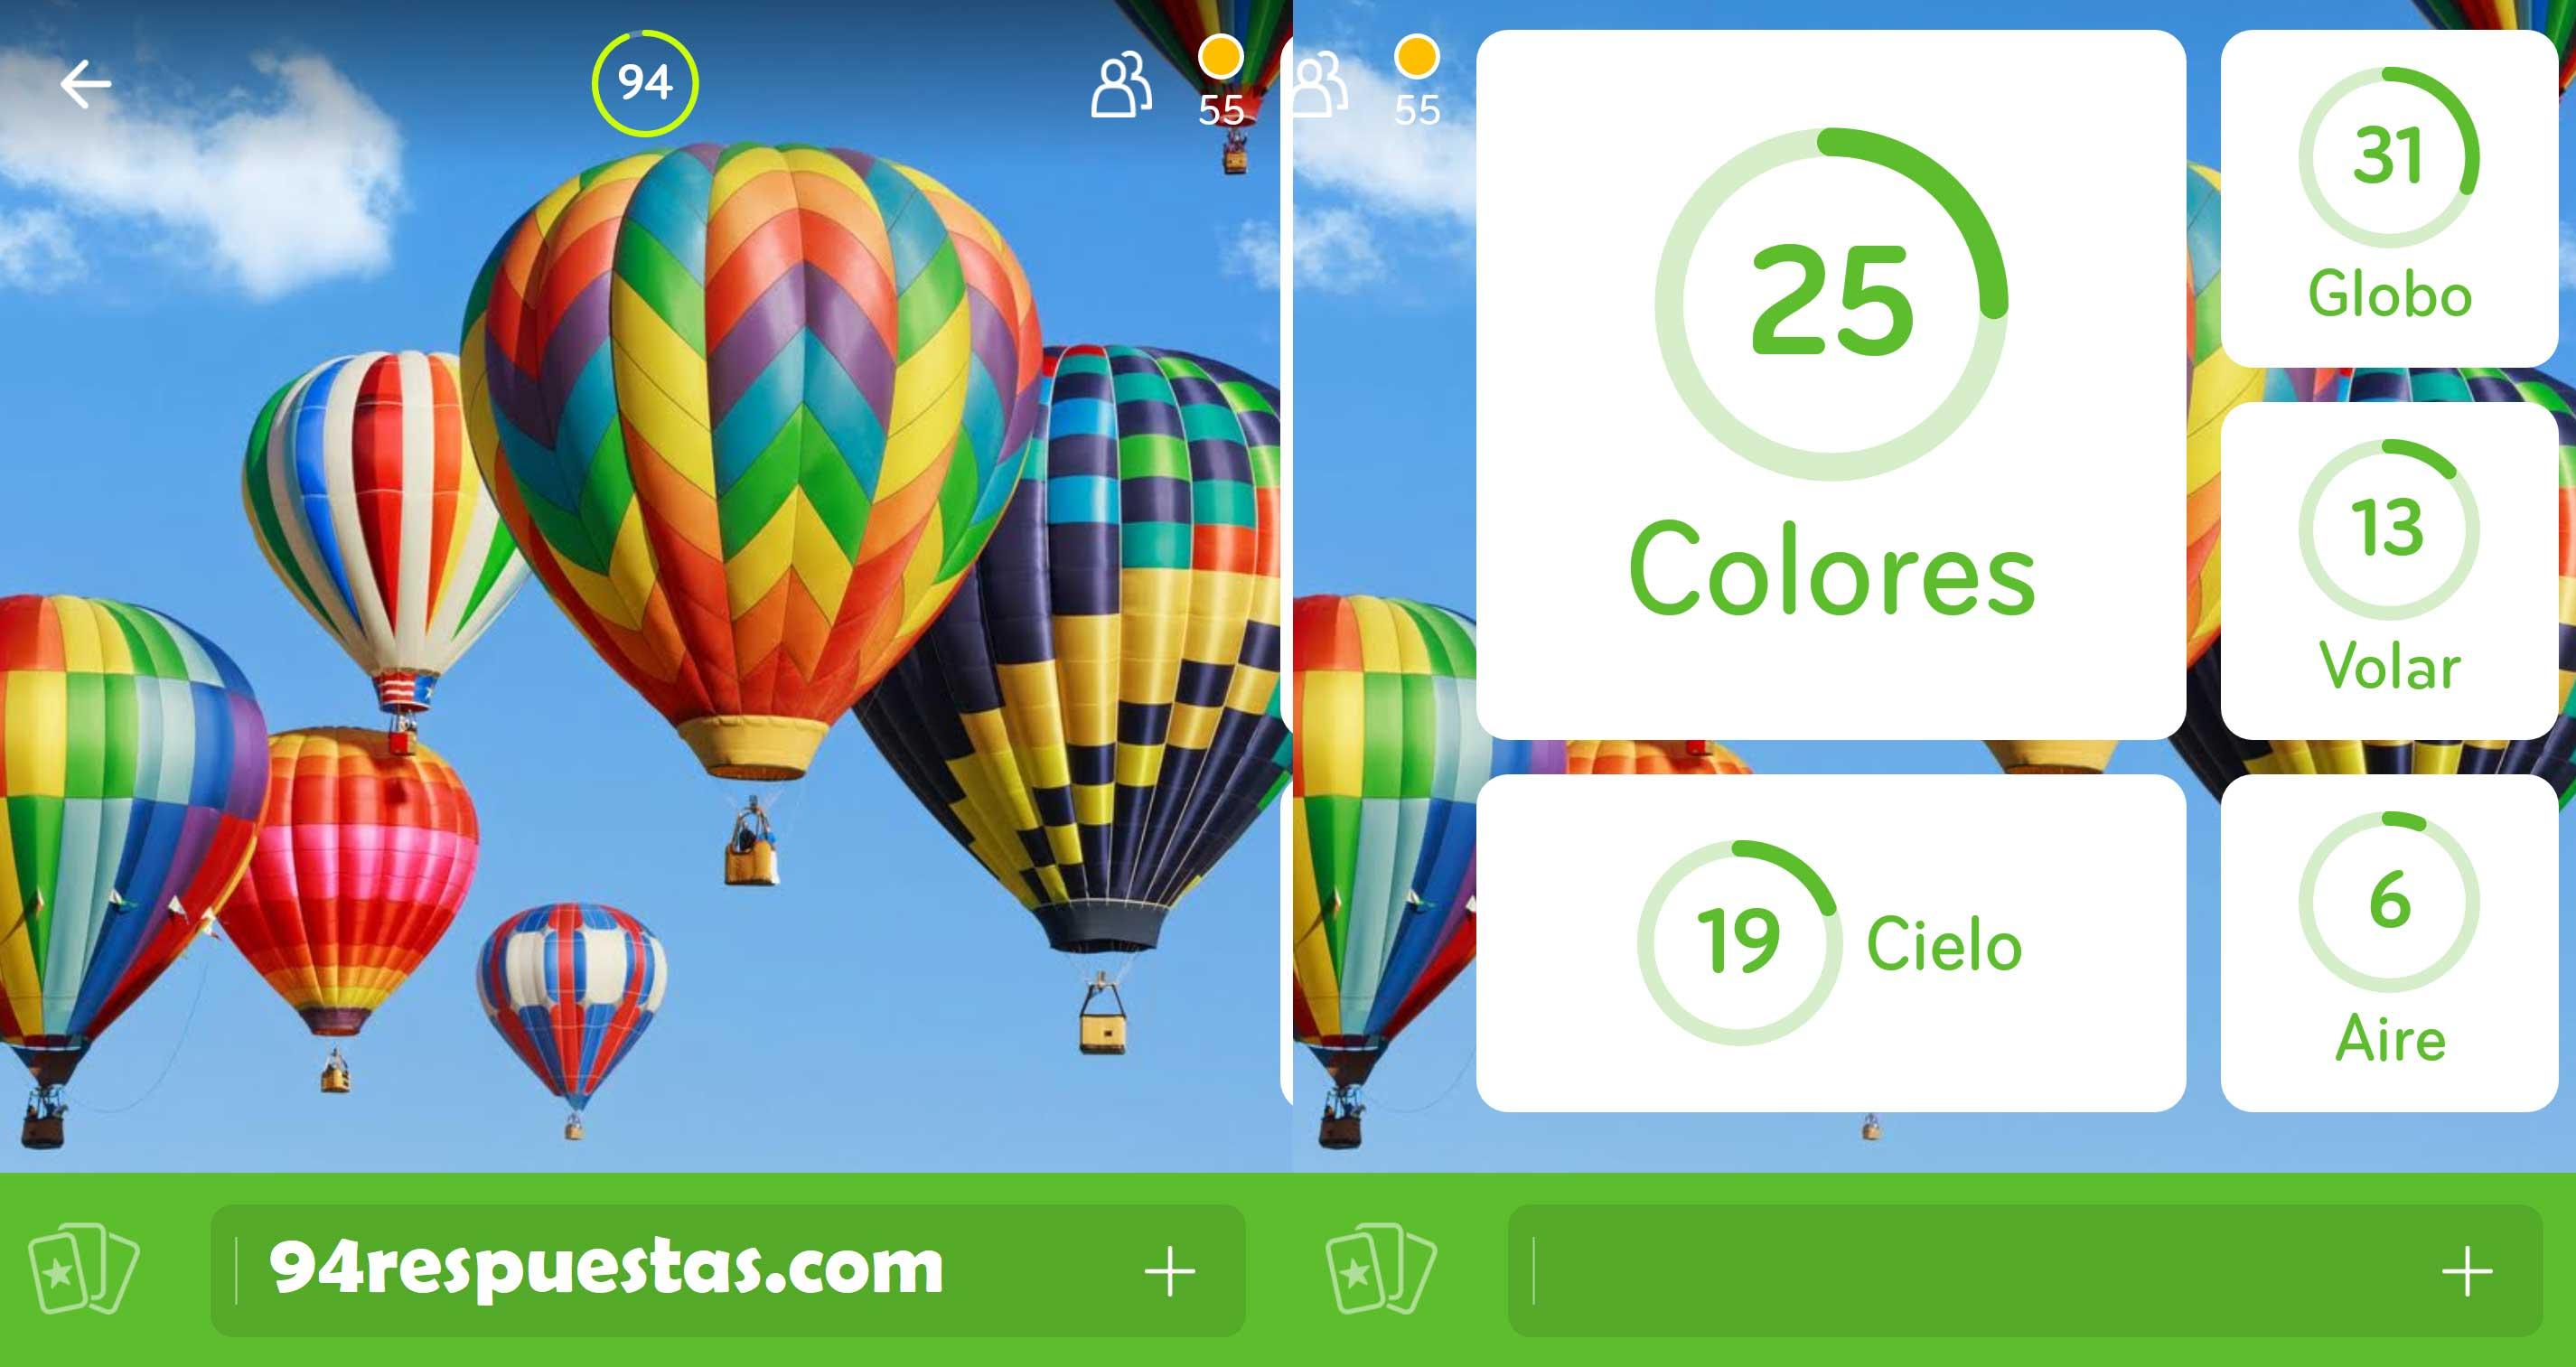 Imagen Globo Colores | 94 por ciento | 94 Respuestas | Soluciones ...